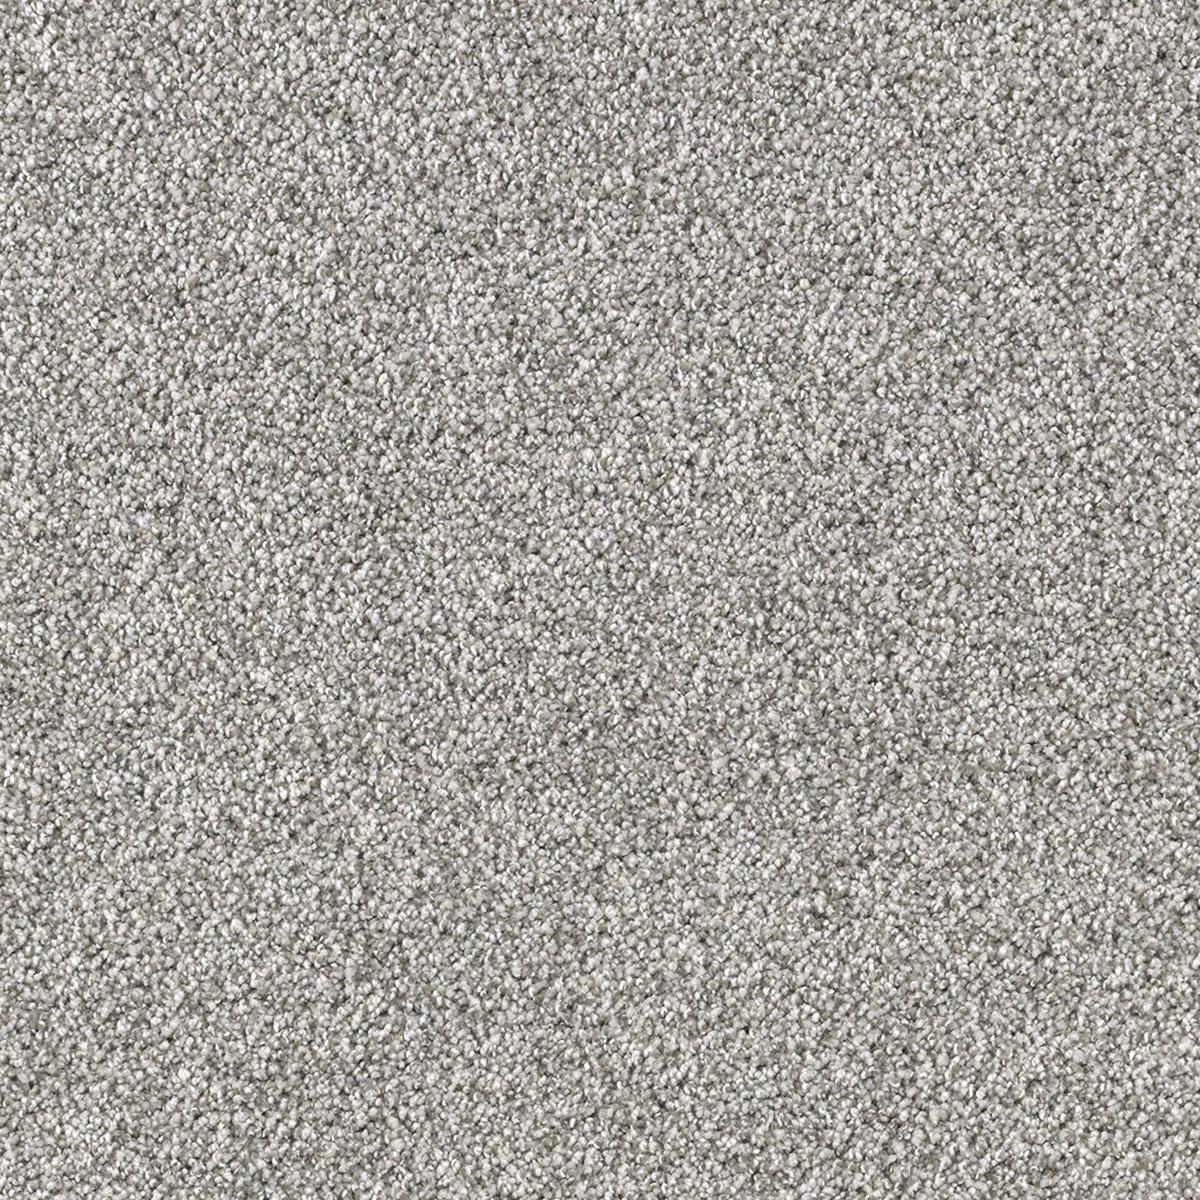 Nfm Carpet Tiles